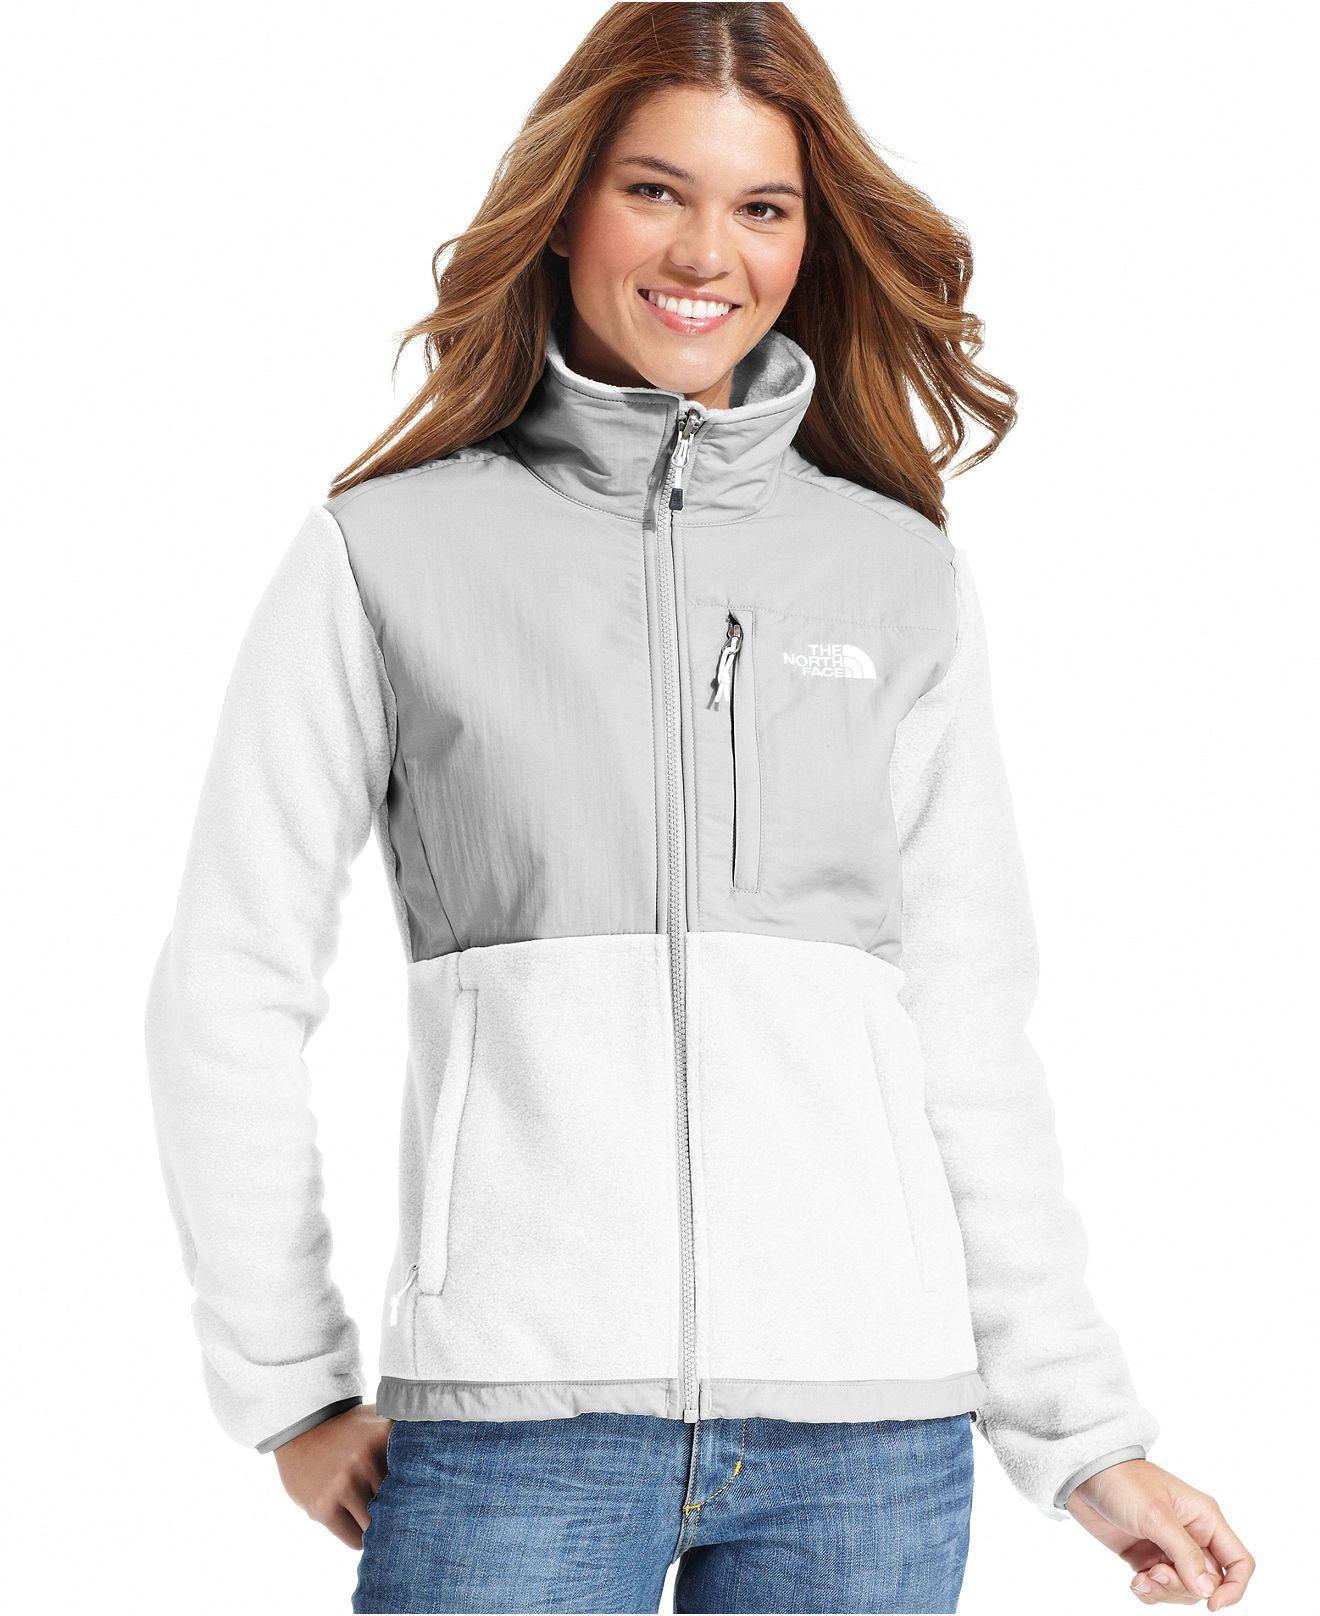 The North Face Jacket Denali Fleece Jackets Blazers Women Macy S Blazer Jackets For Women North Face Jacket North Face Jacket Womens [ 1616 x 1320 Pixel ]